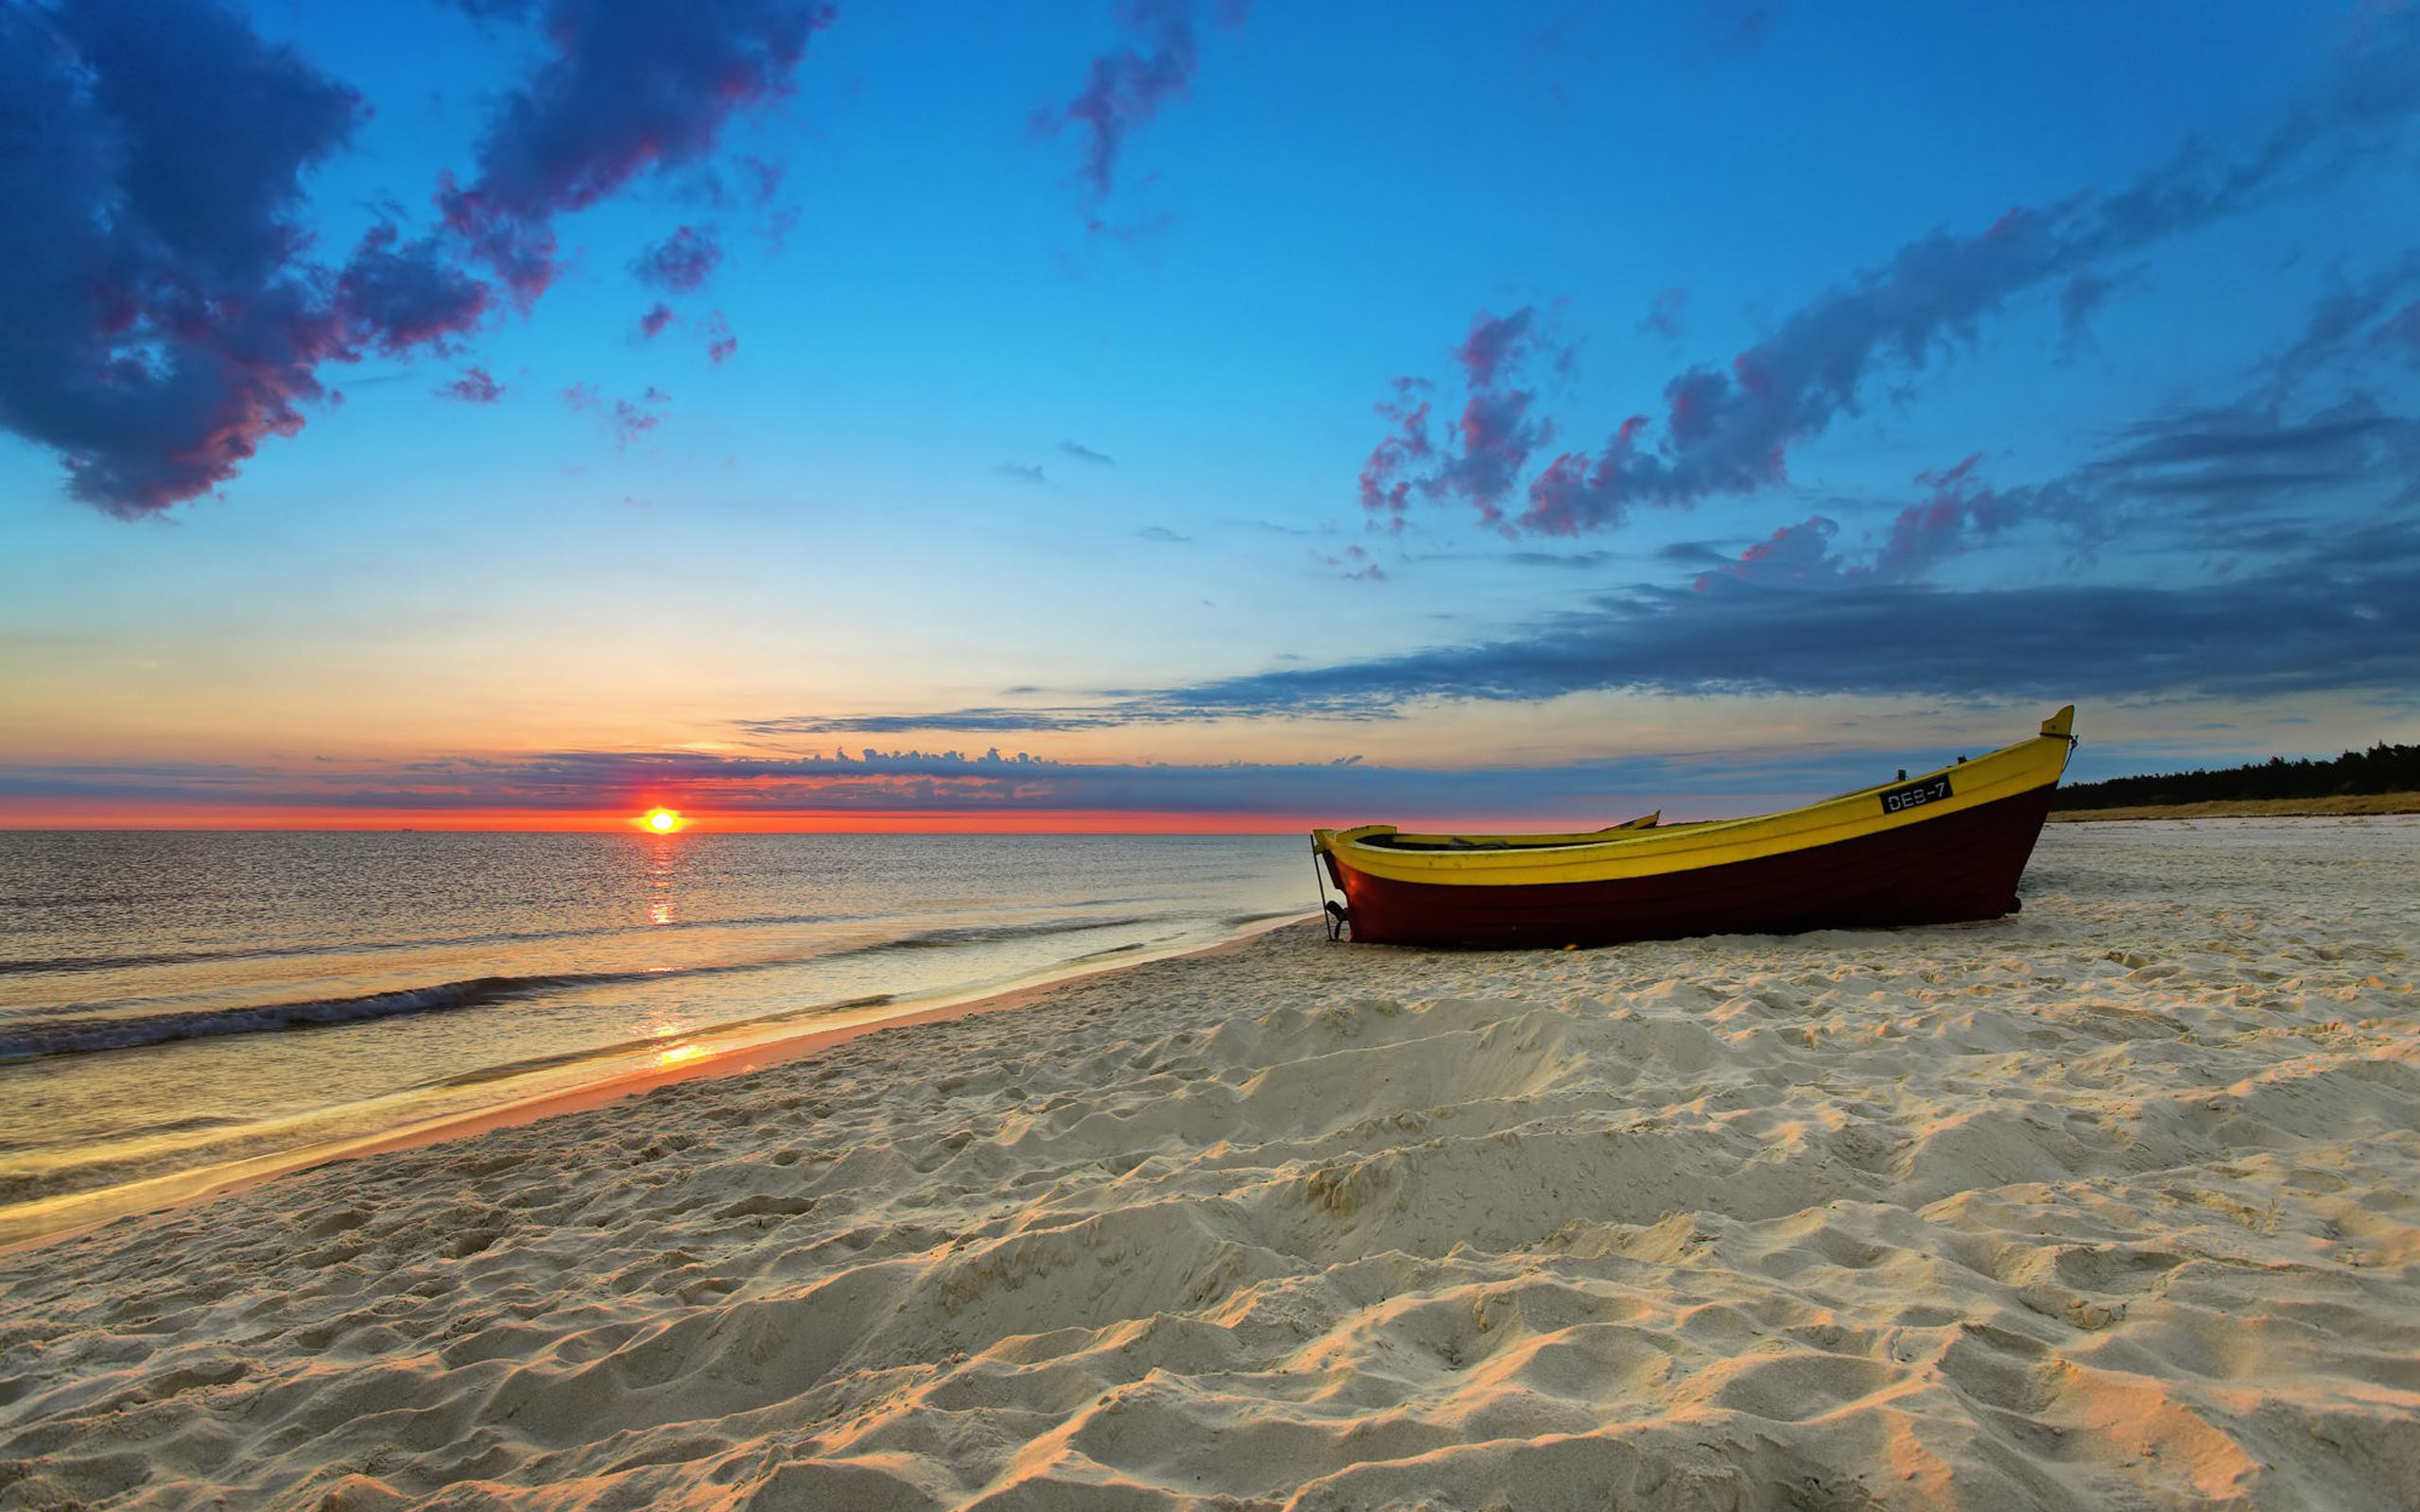 beautiful hd beach sunset wallpapers top desktop images widescreen 2560x1600